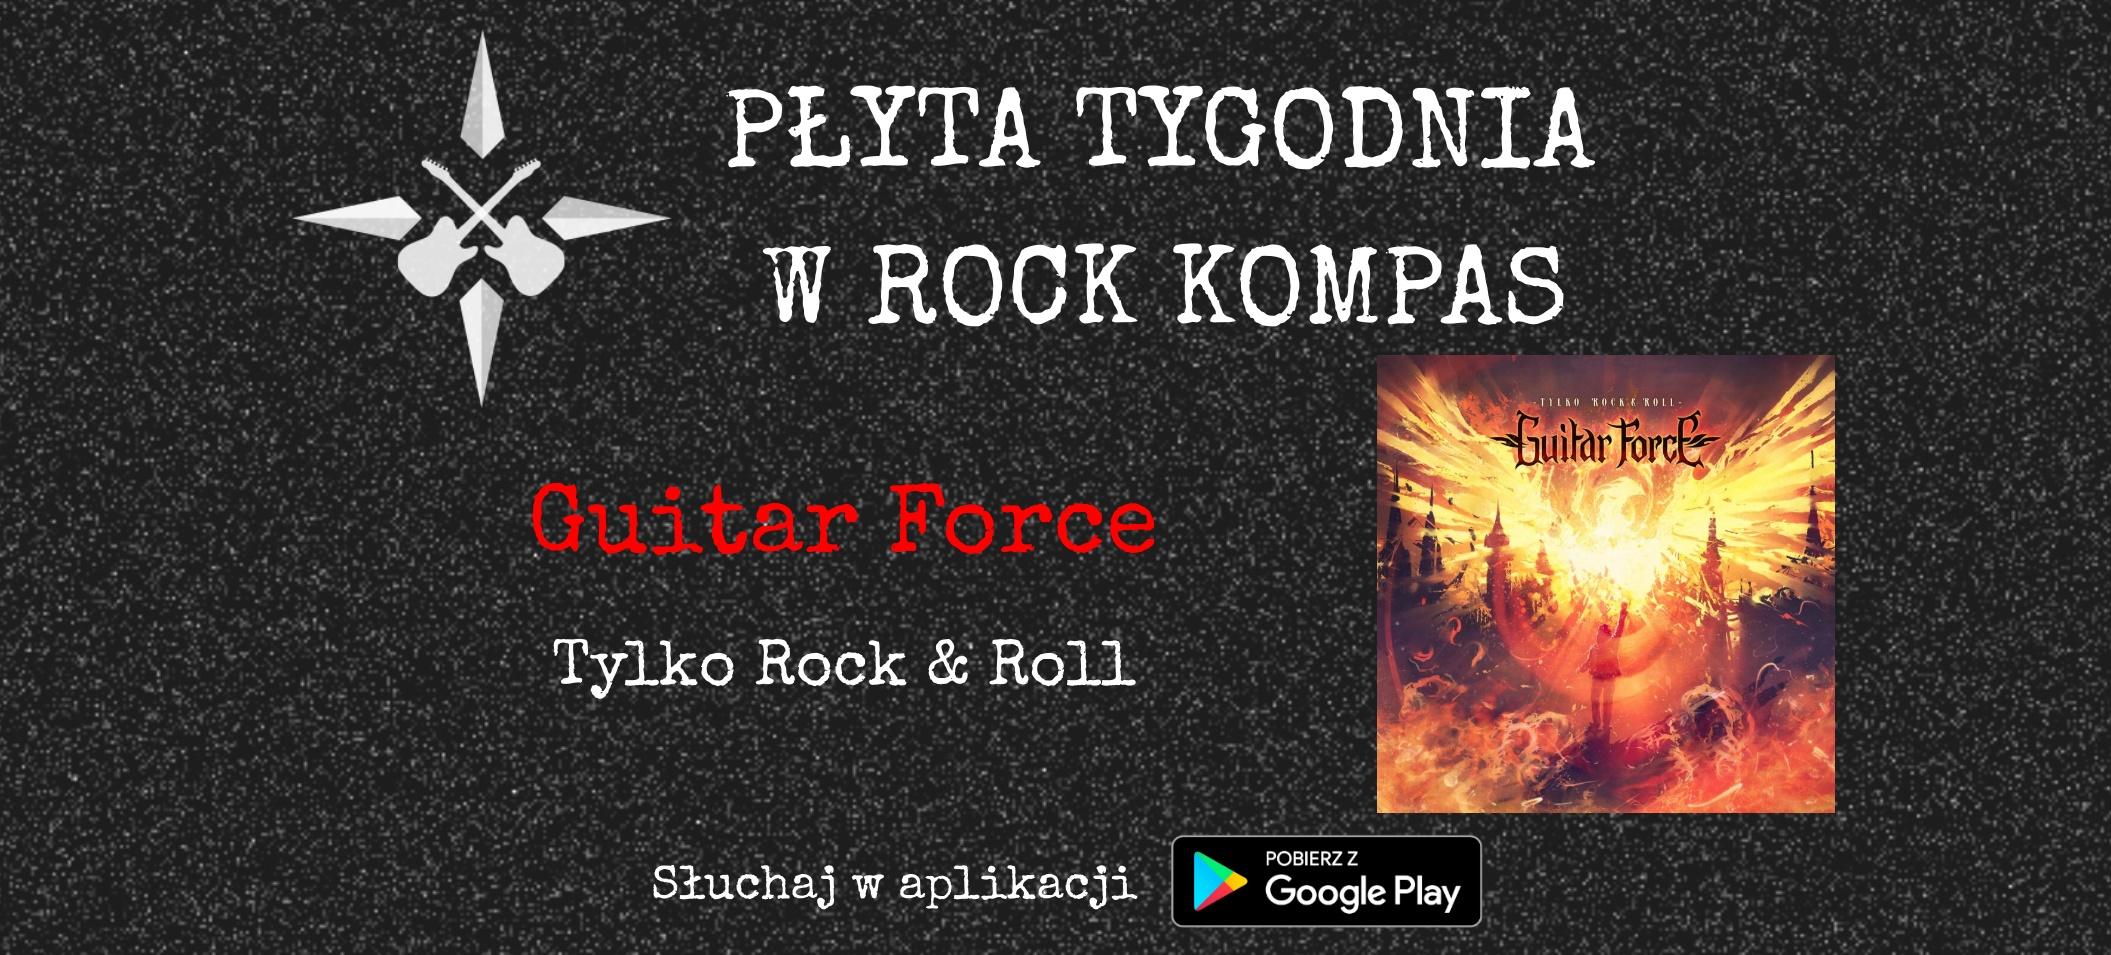 Płyta tygodnia w Rock Kompas: Guitar Force - Tylko Rock & Roll